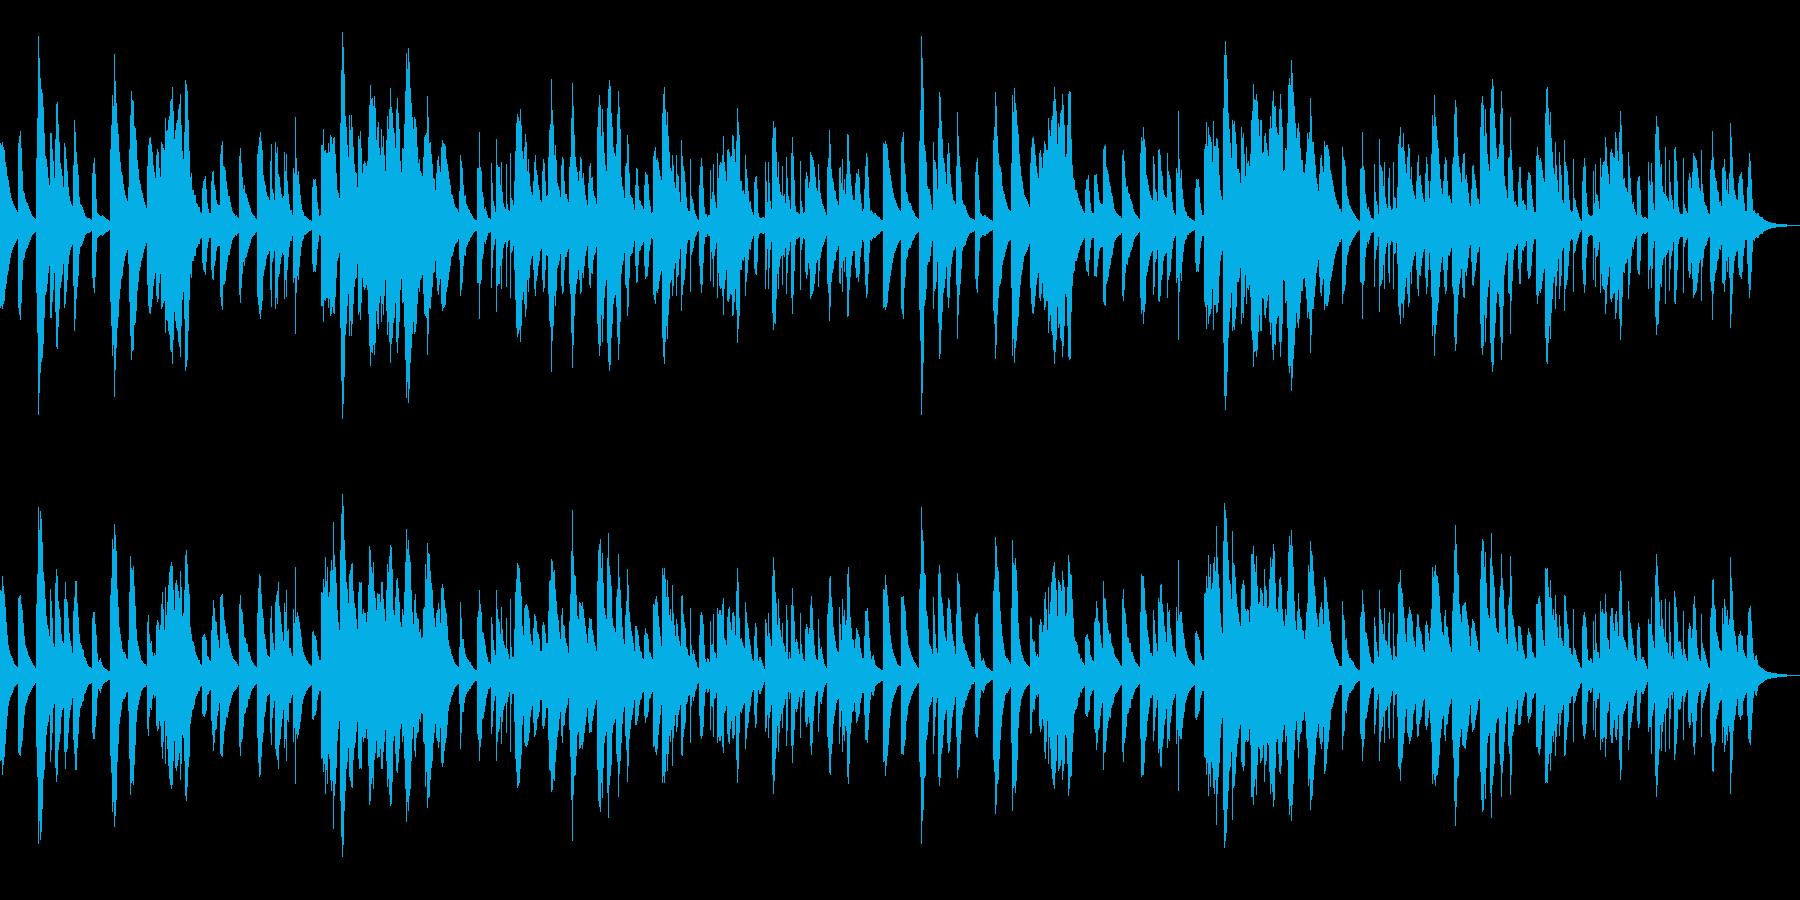 ゴルトベルク変奏曲のオルゴール の再生済みの波形